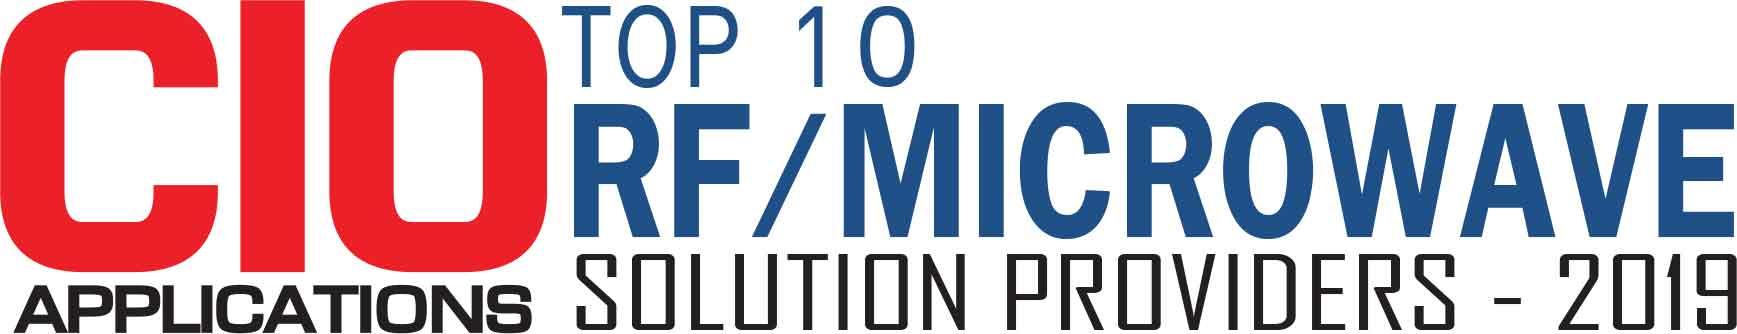 Top 10 RF/Microwave Companies - 2019